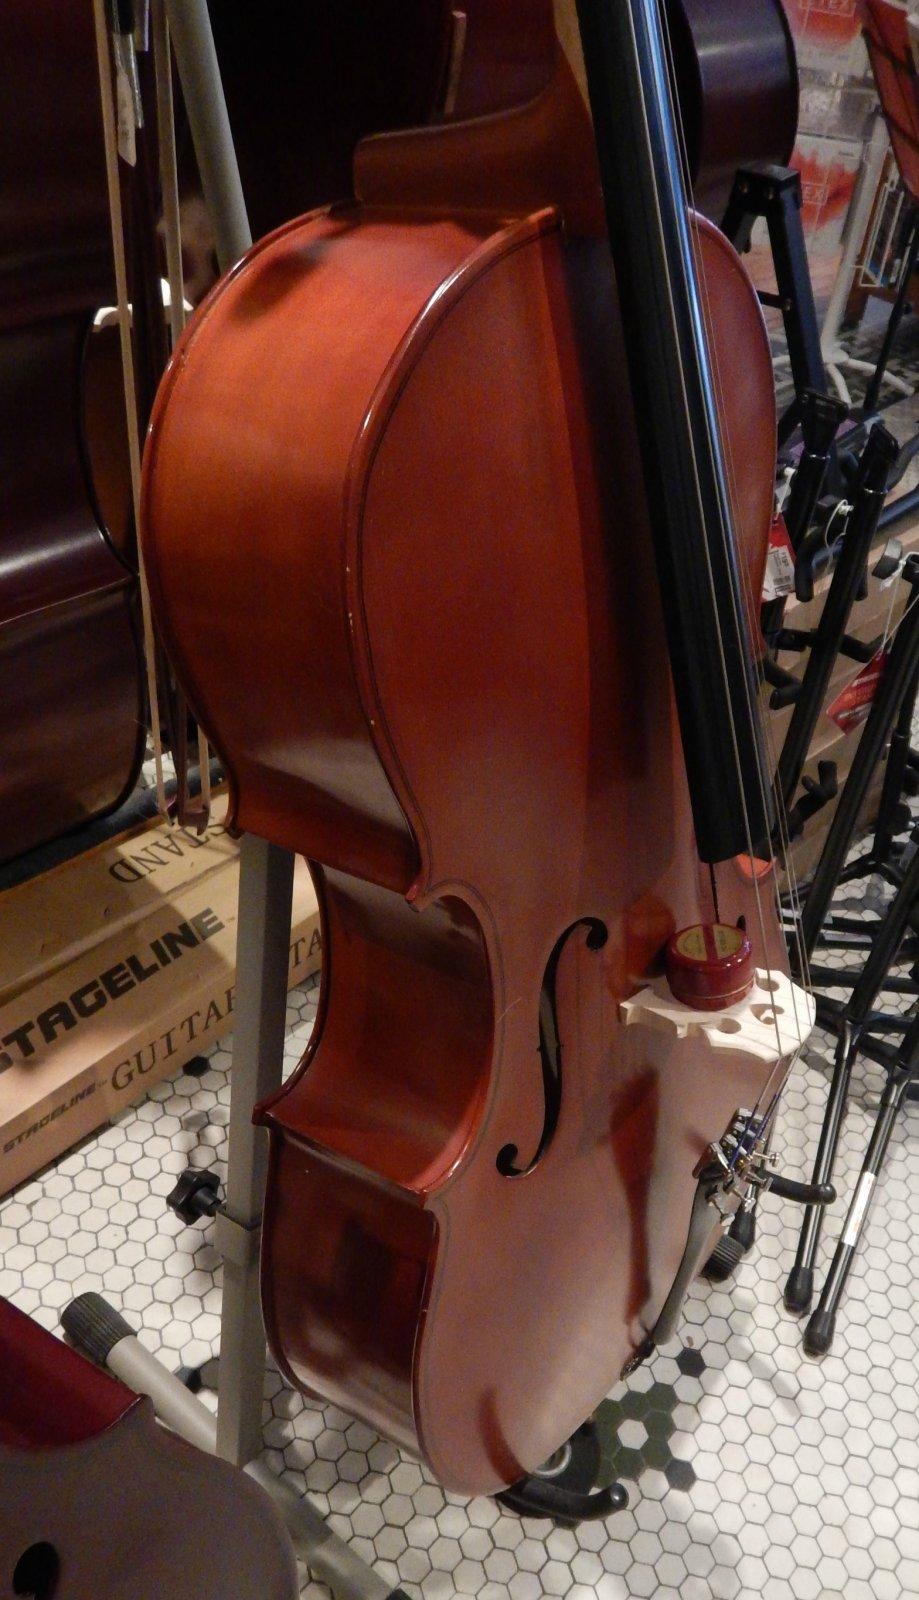 Engelhardt E120 Cello w/gig bag and bow